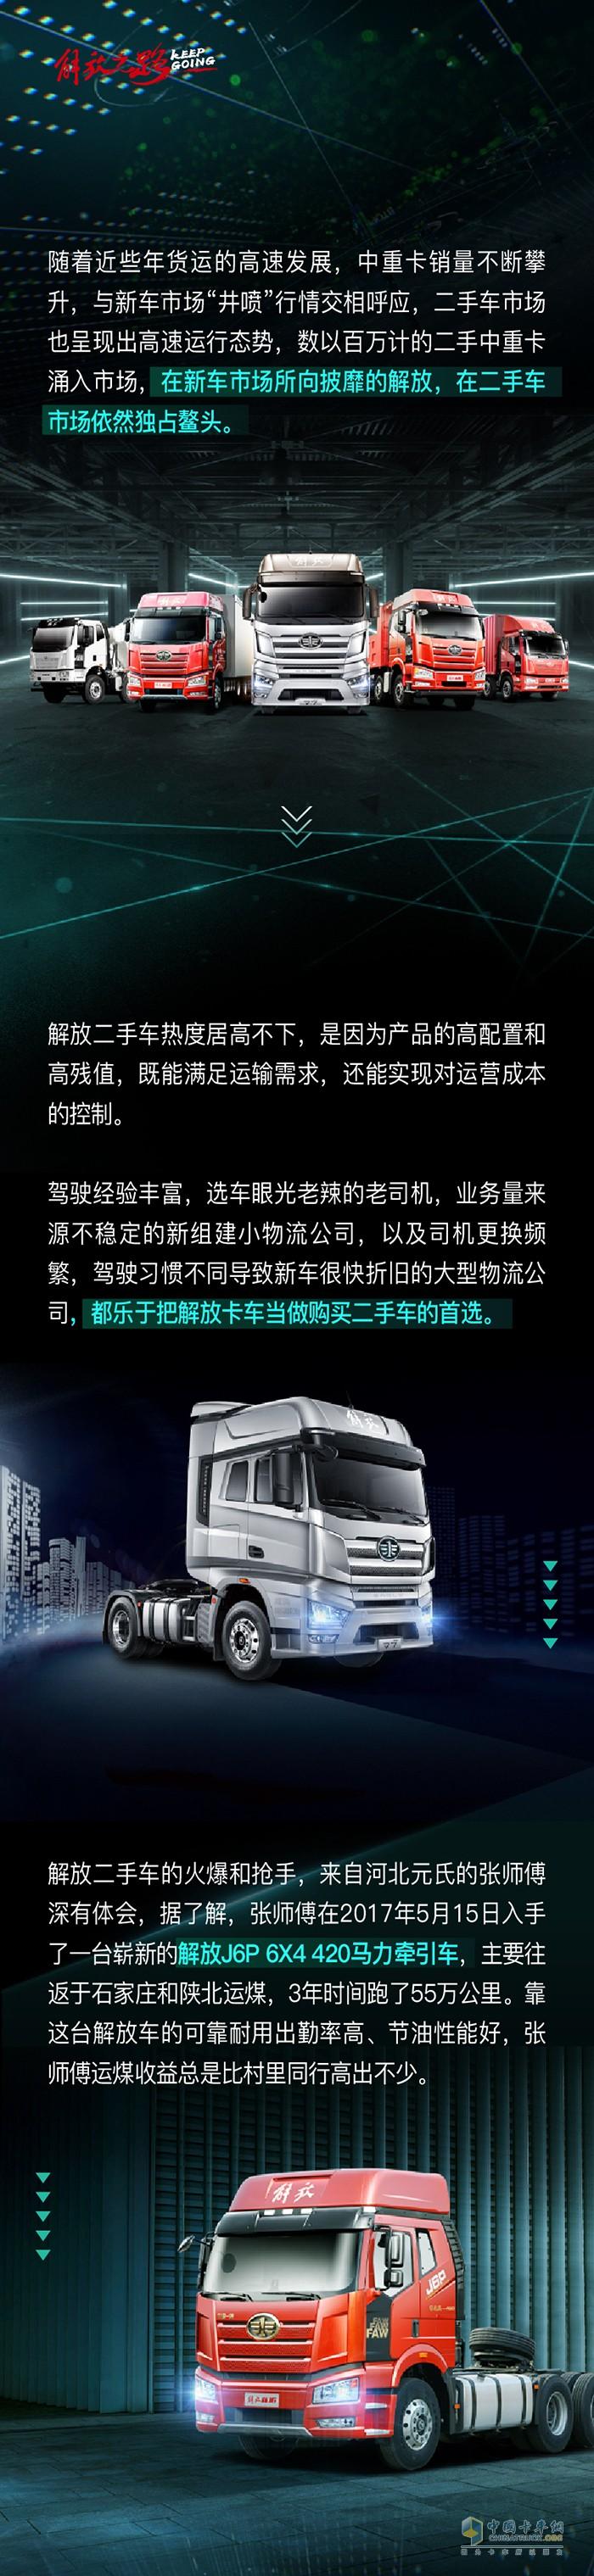 二手车折旧少,同样跑3年解放卡车多赚21000元!